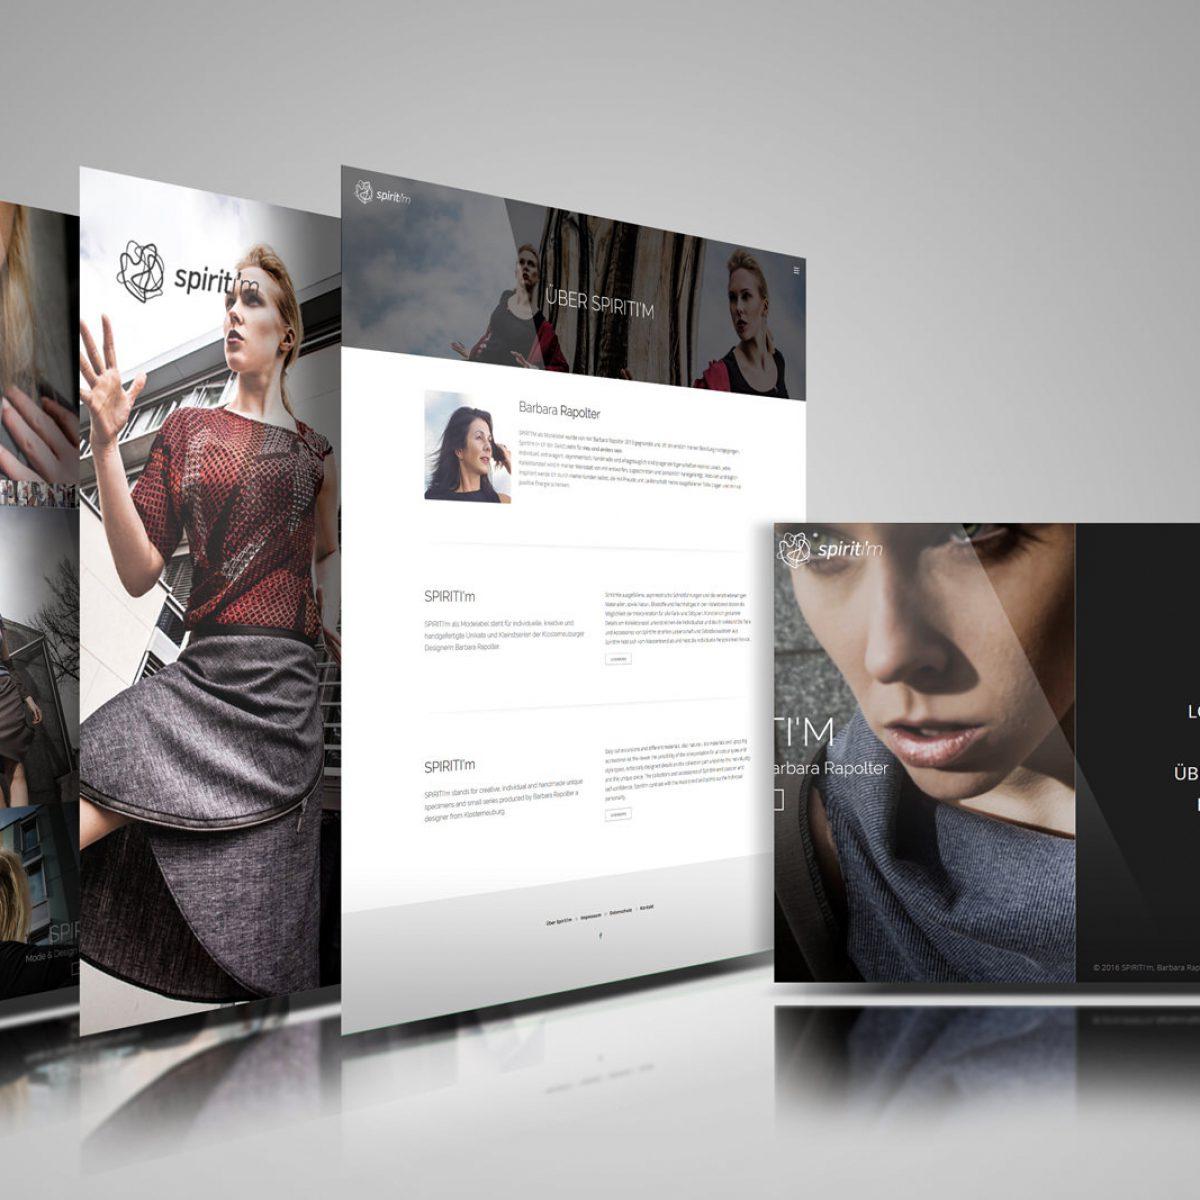 Webdesign Beispielprojekt Spiriti'm Modedesign